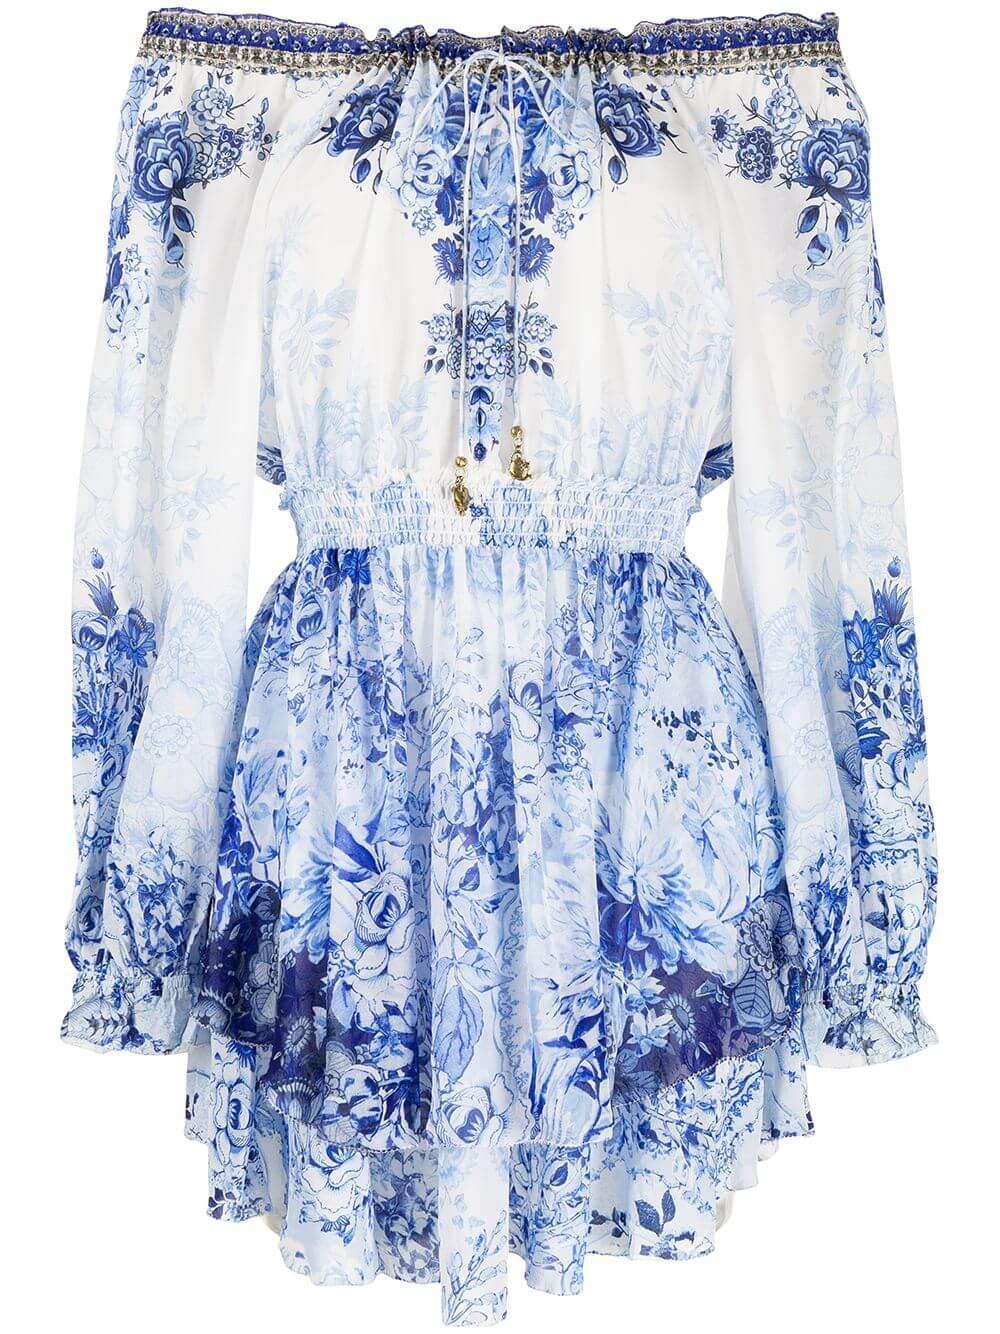 Floral Off The Shoulder Dress Item # 00009454-HIGHTEA